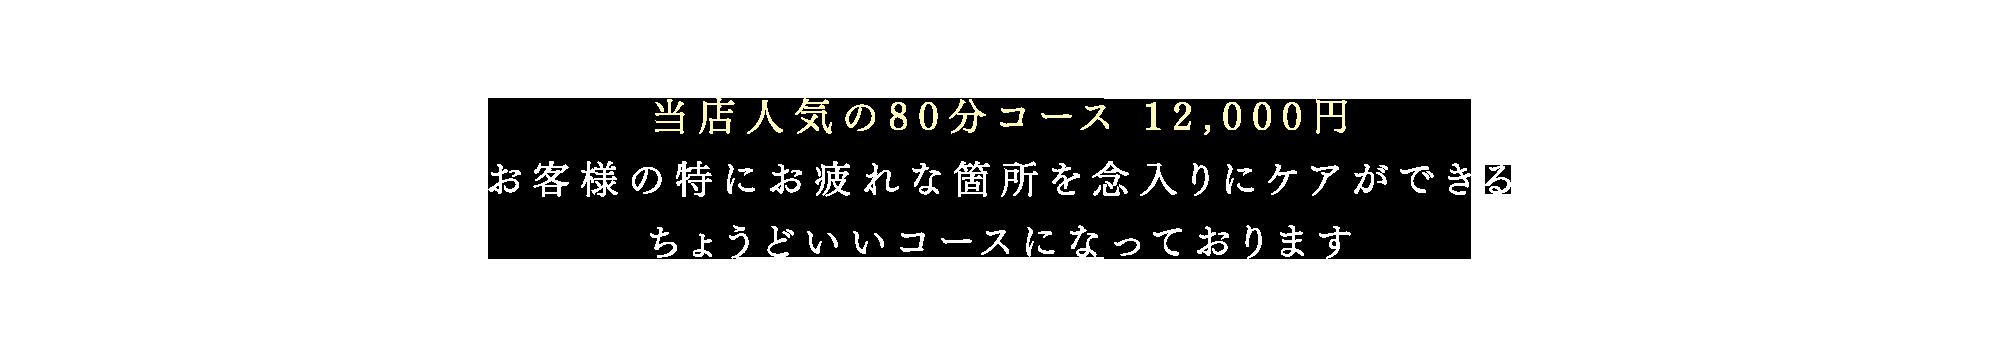 メインビジュアル画像2